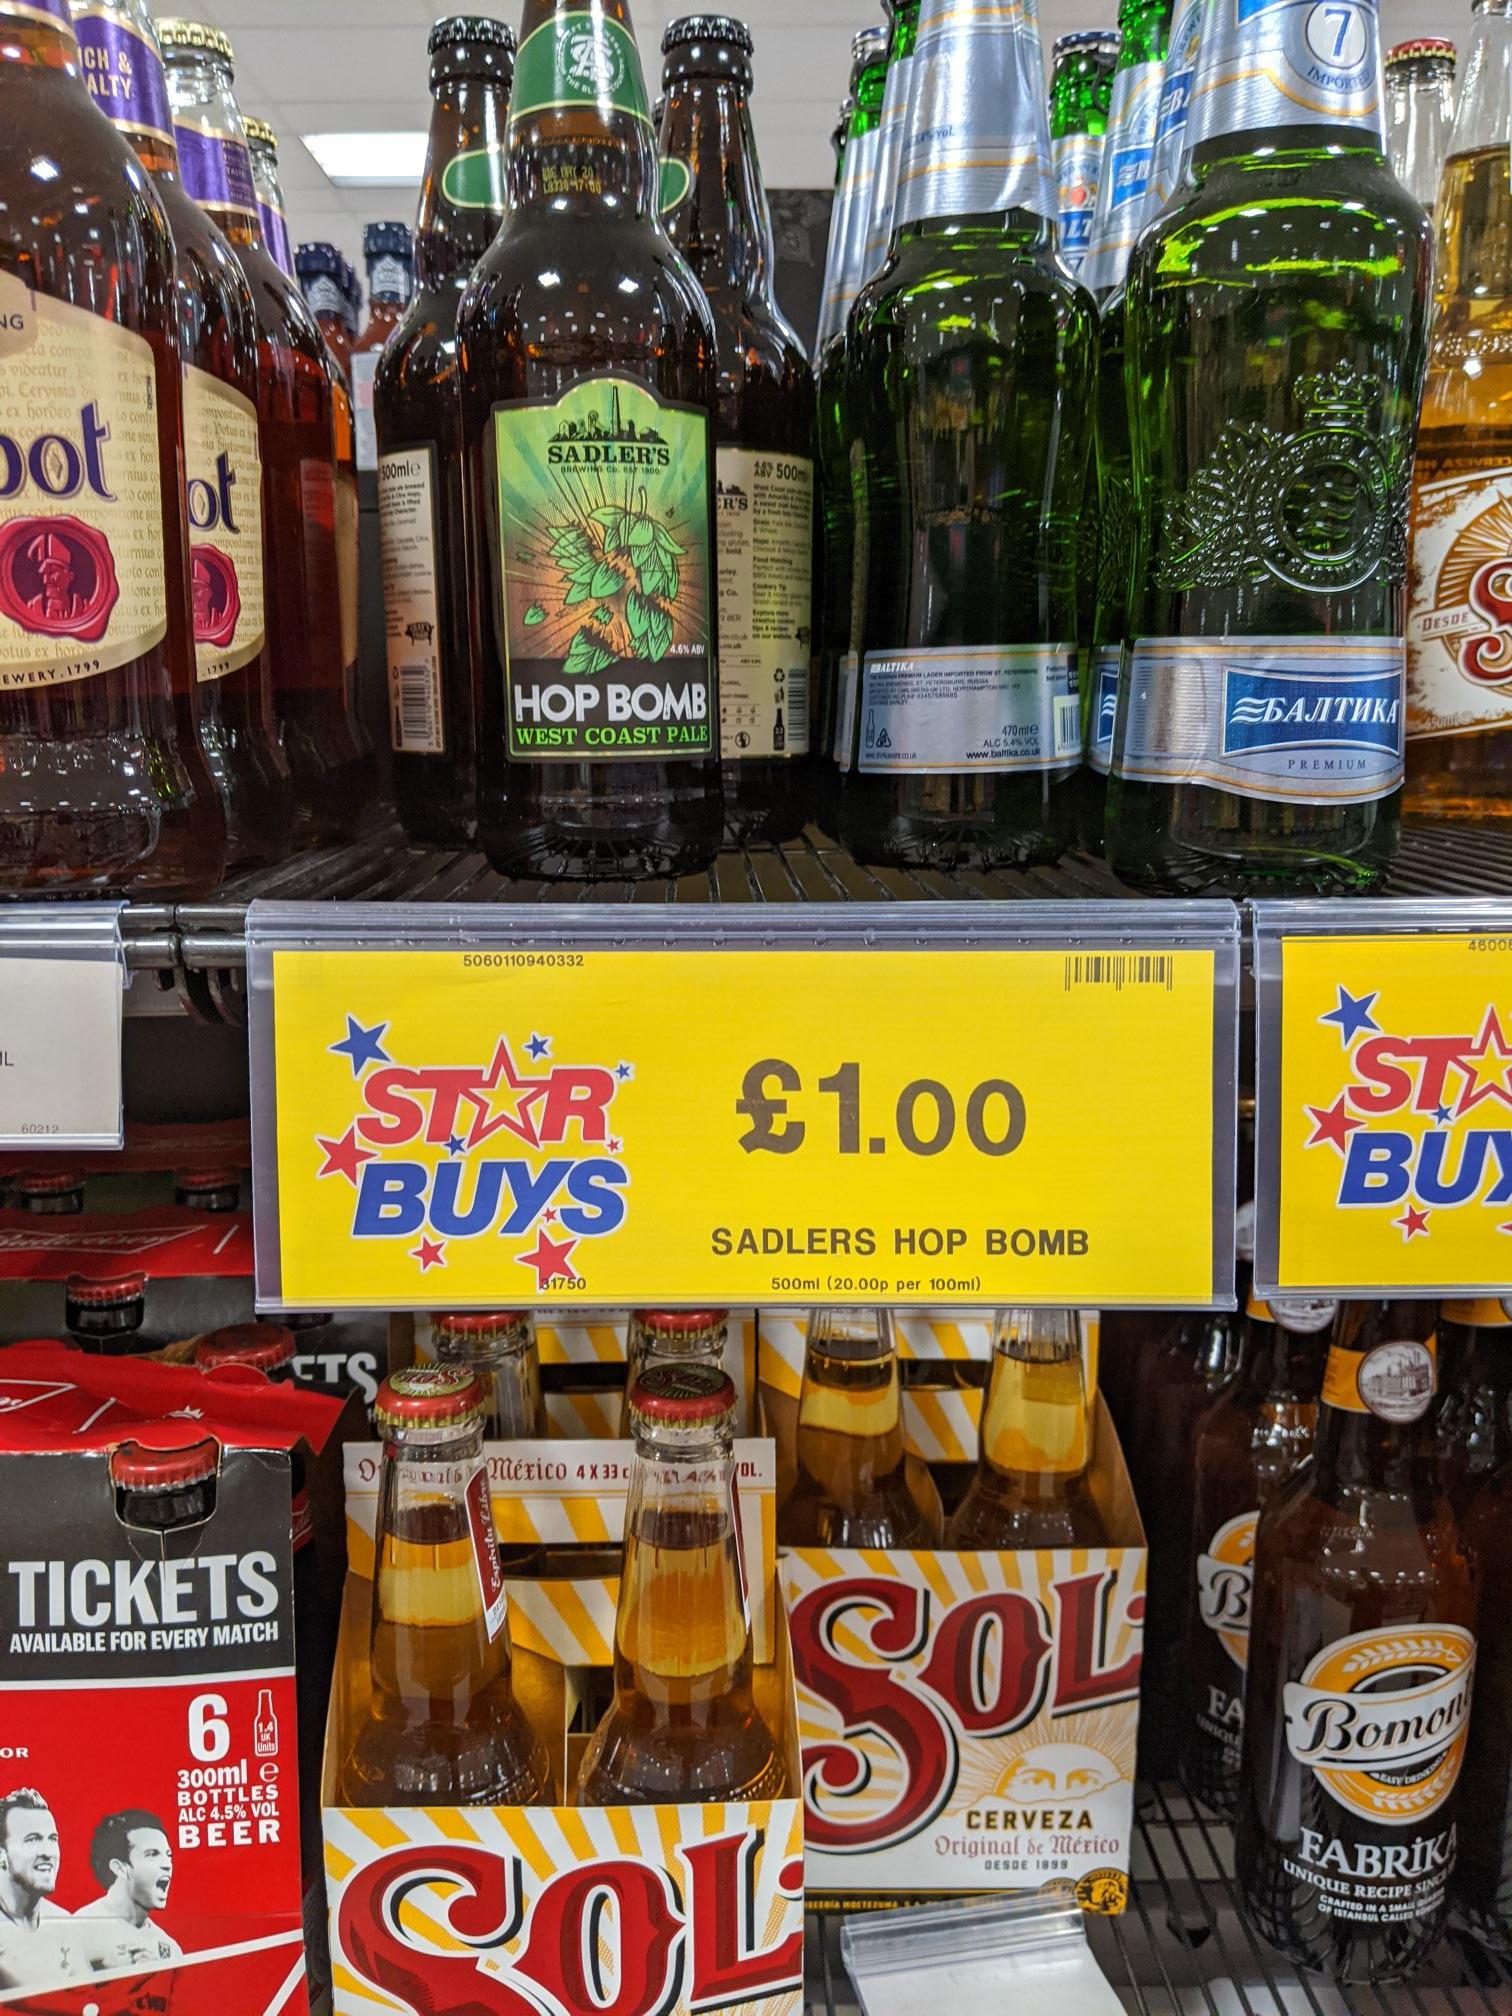 Sadlers Hopbomb 500ml £1 at Home Bargains (Gosport) should be national